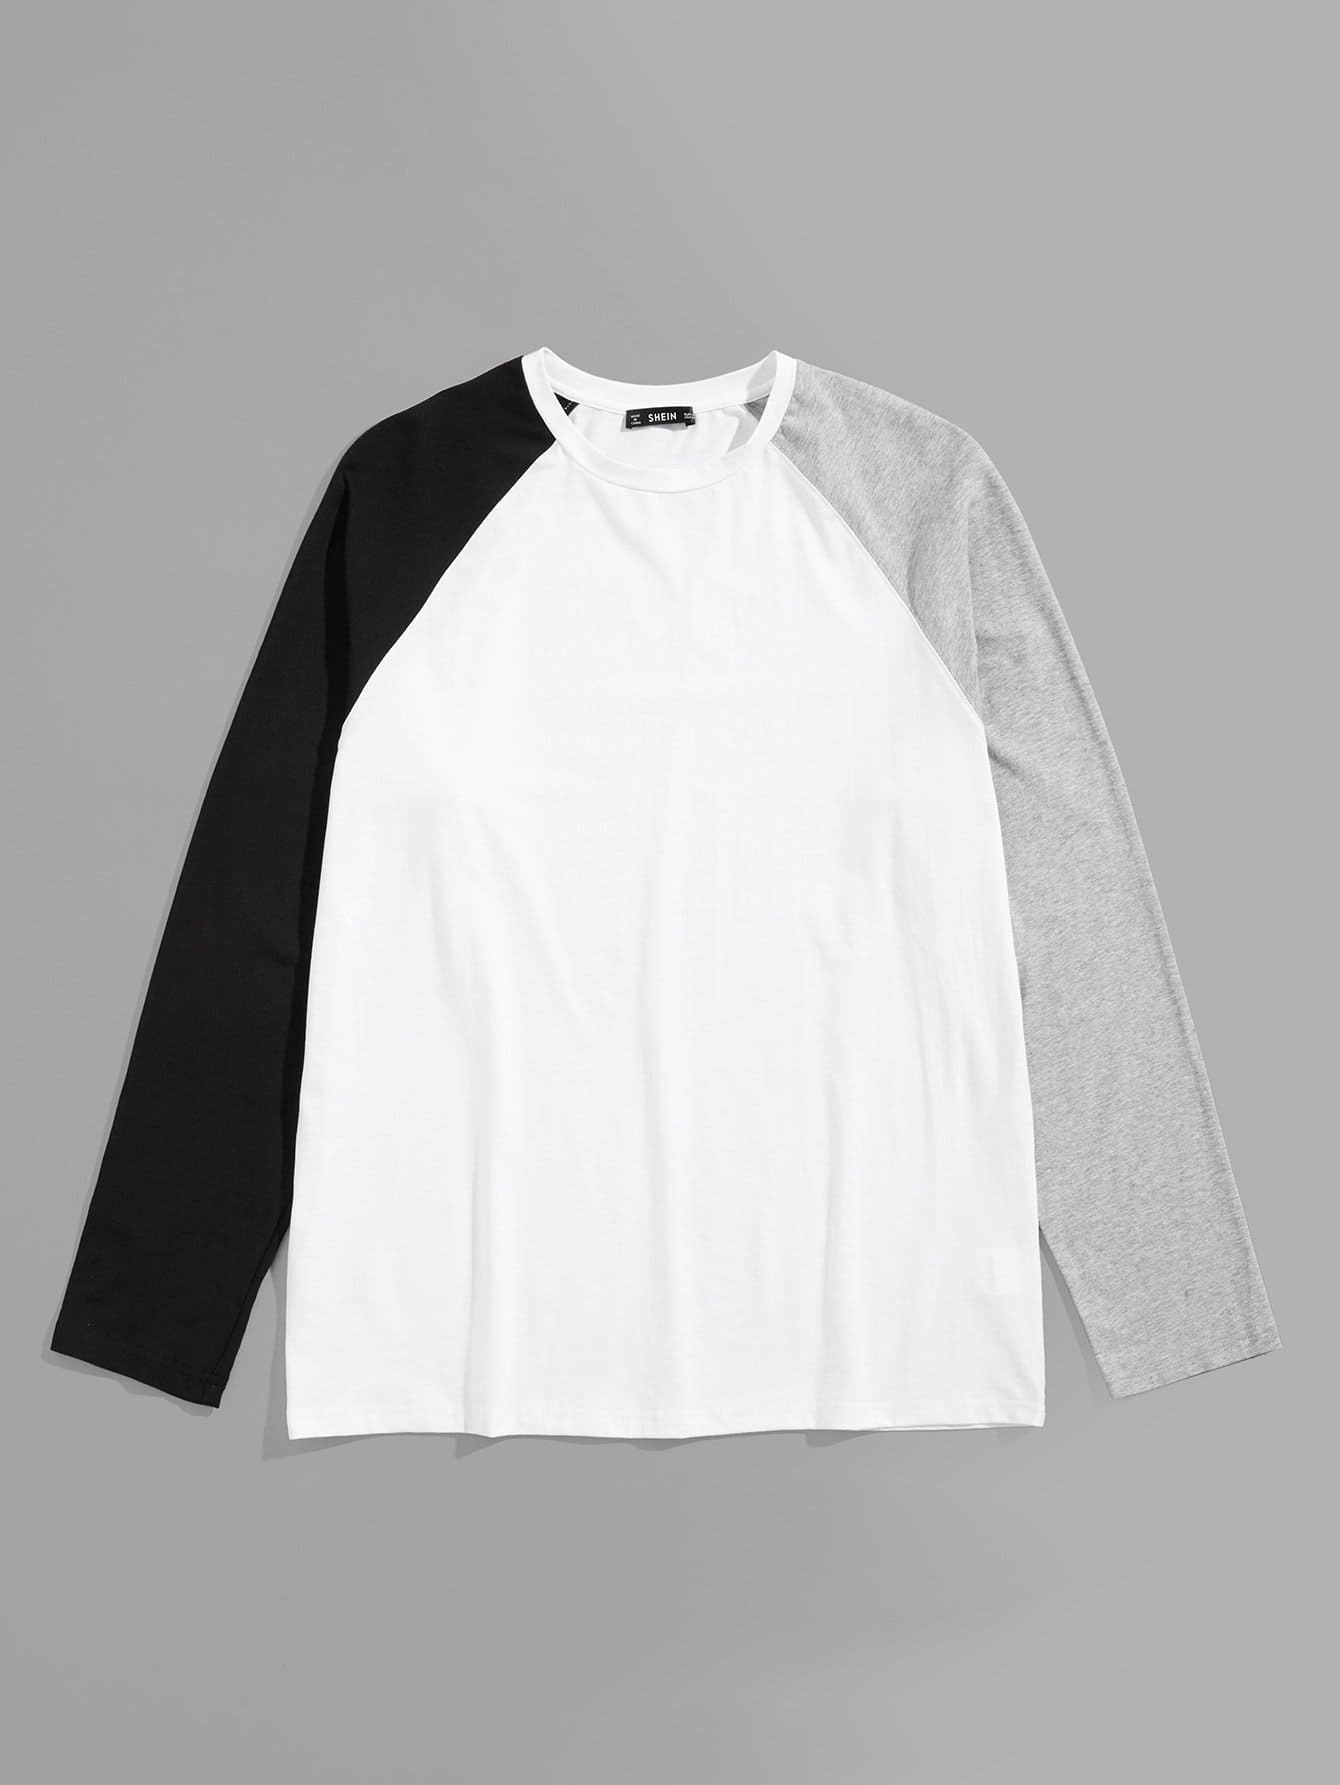 Купить Для мужчин контрастная футболка с регланом-рукавом, null, SheIn